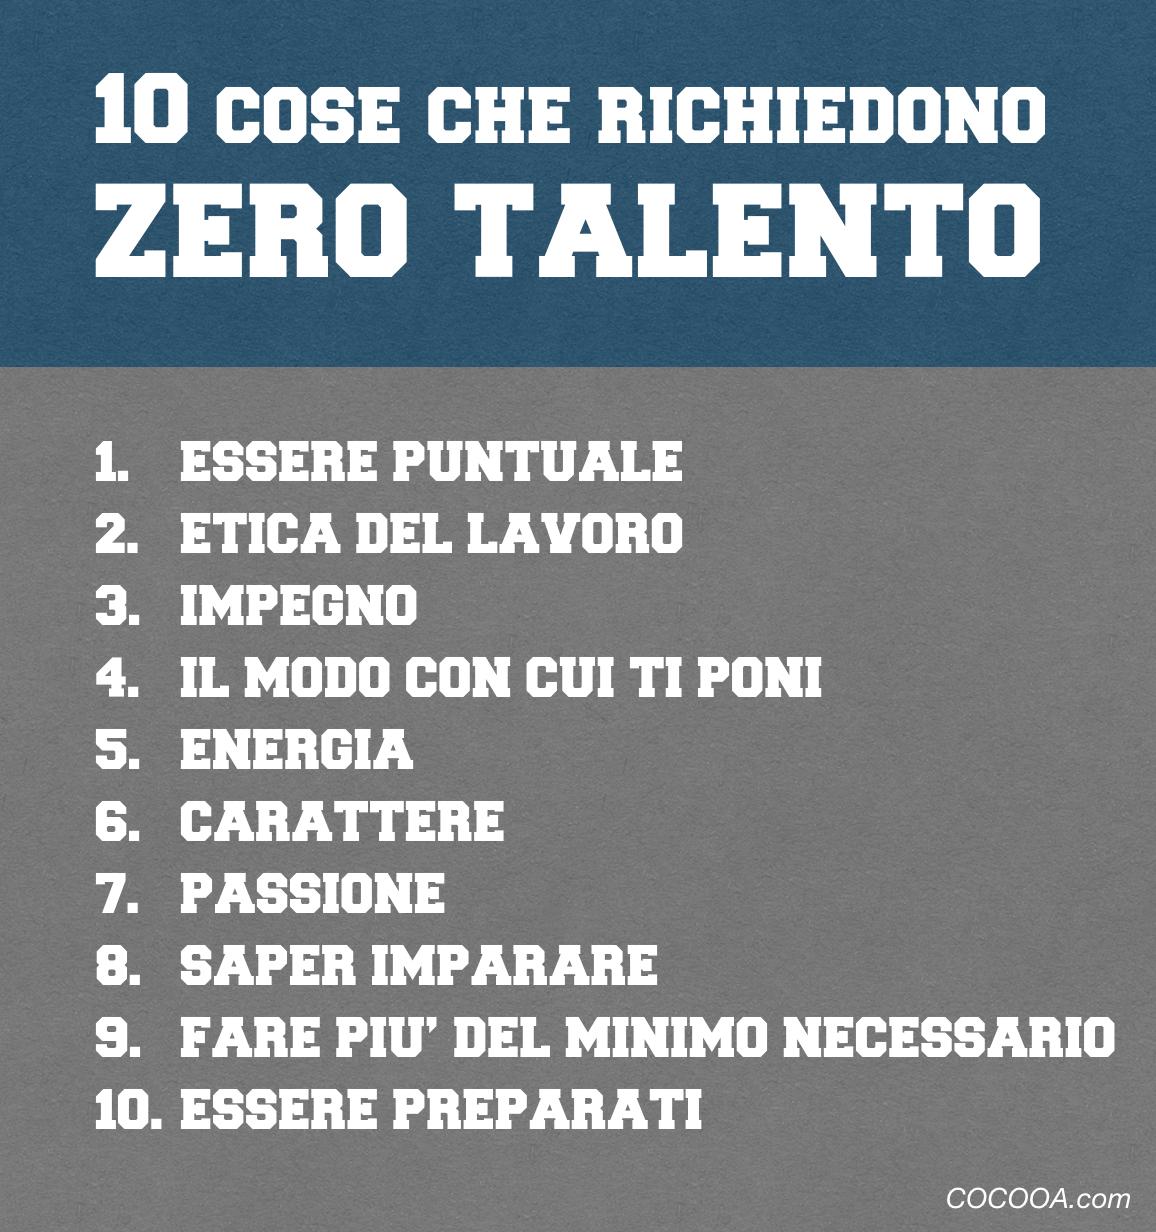 10-Cose-che-richiedono-zero-talento